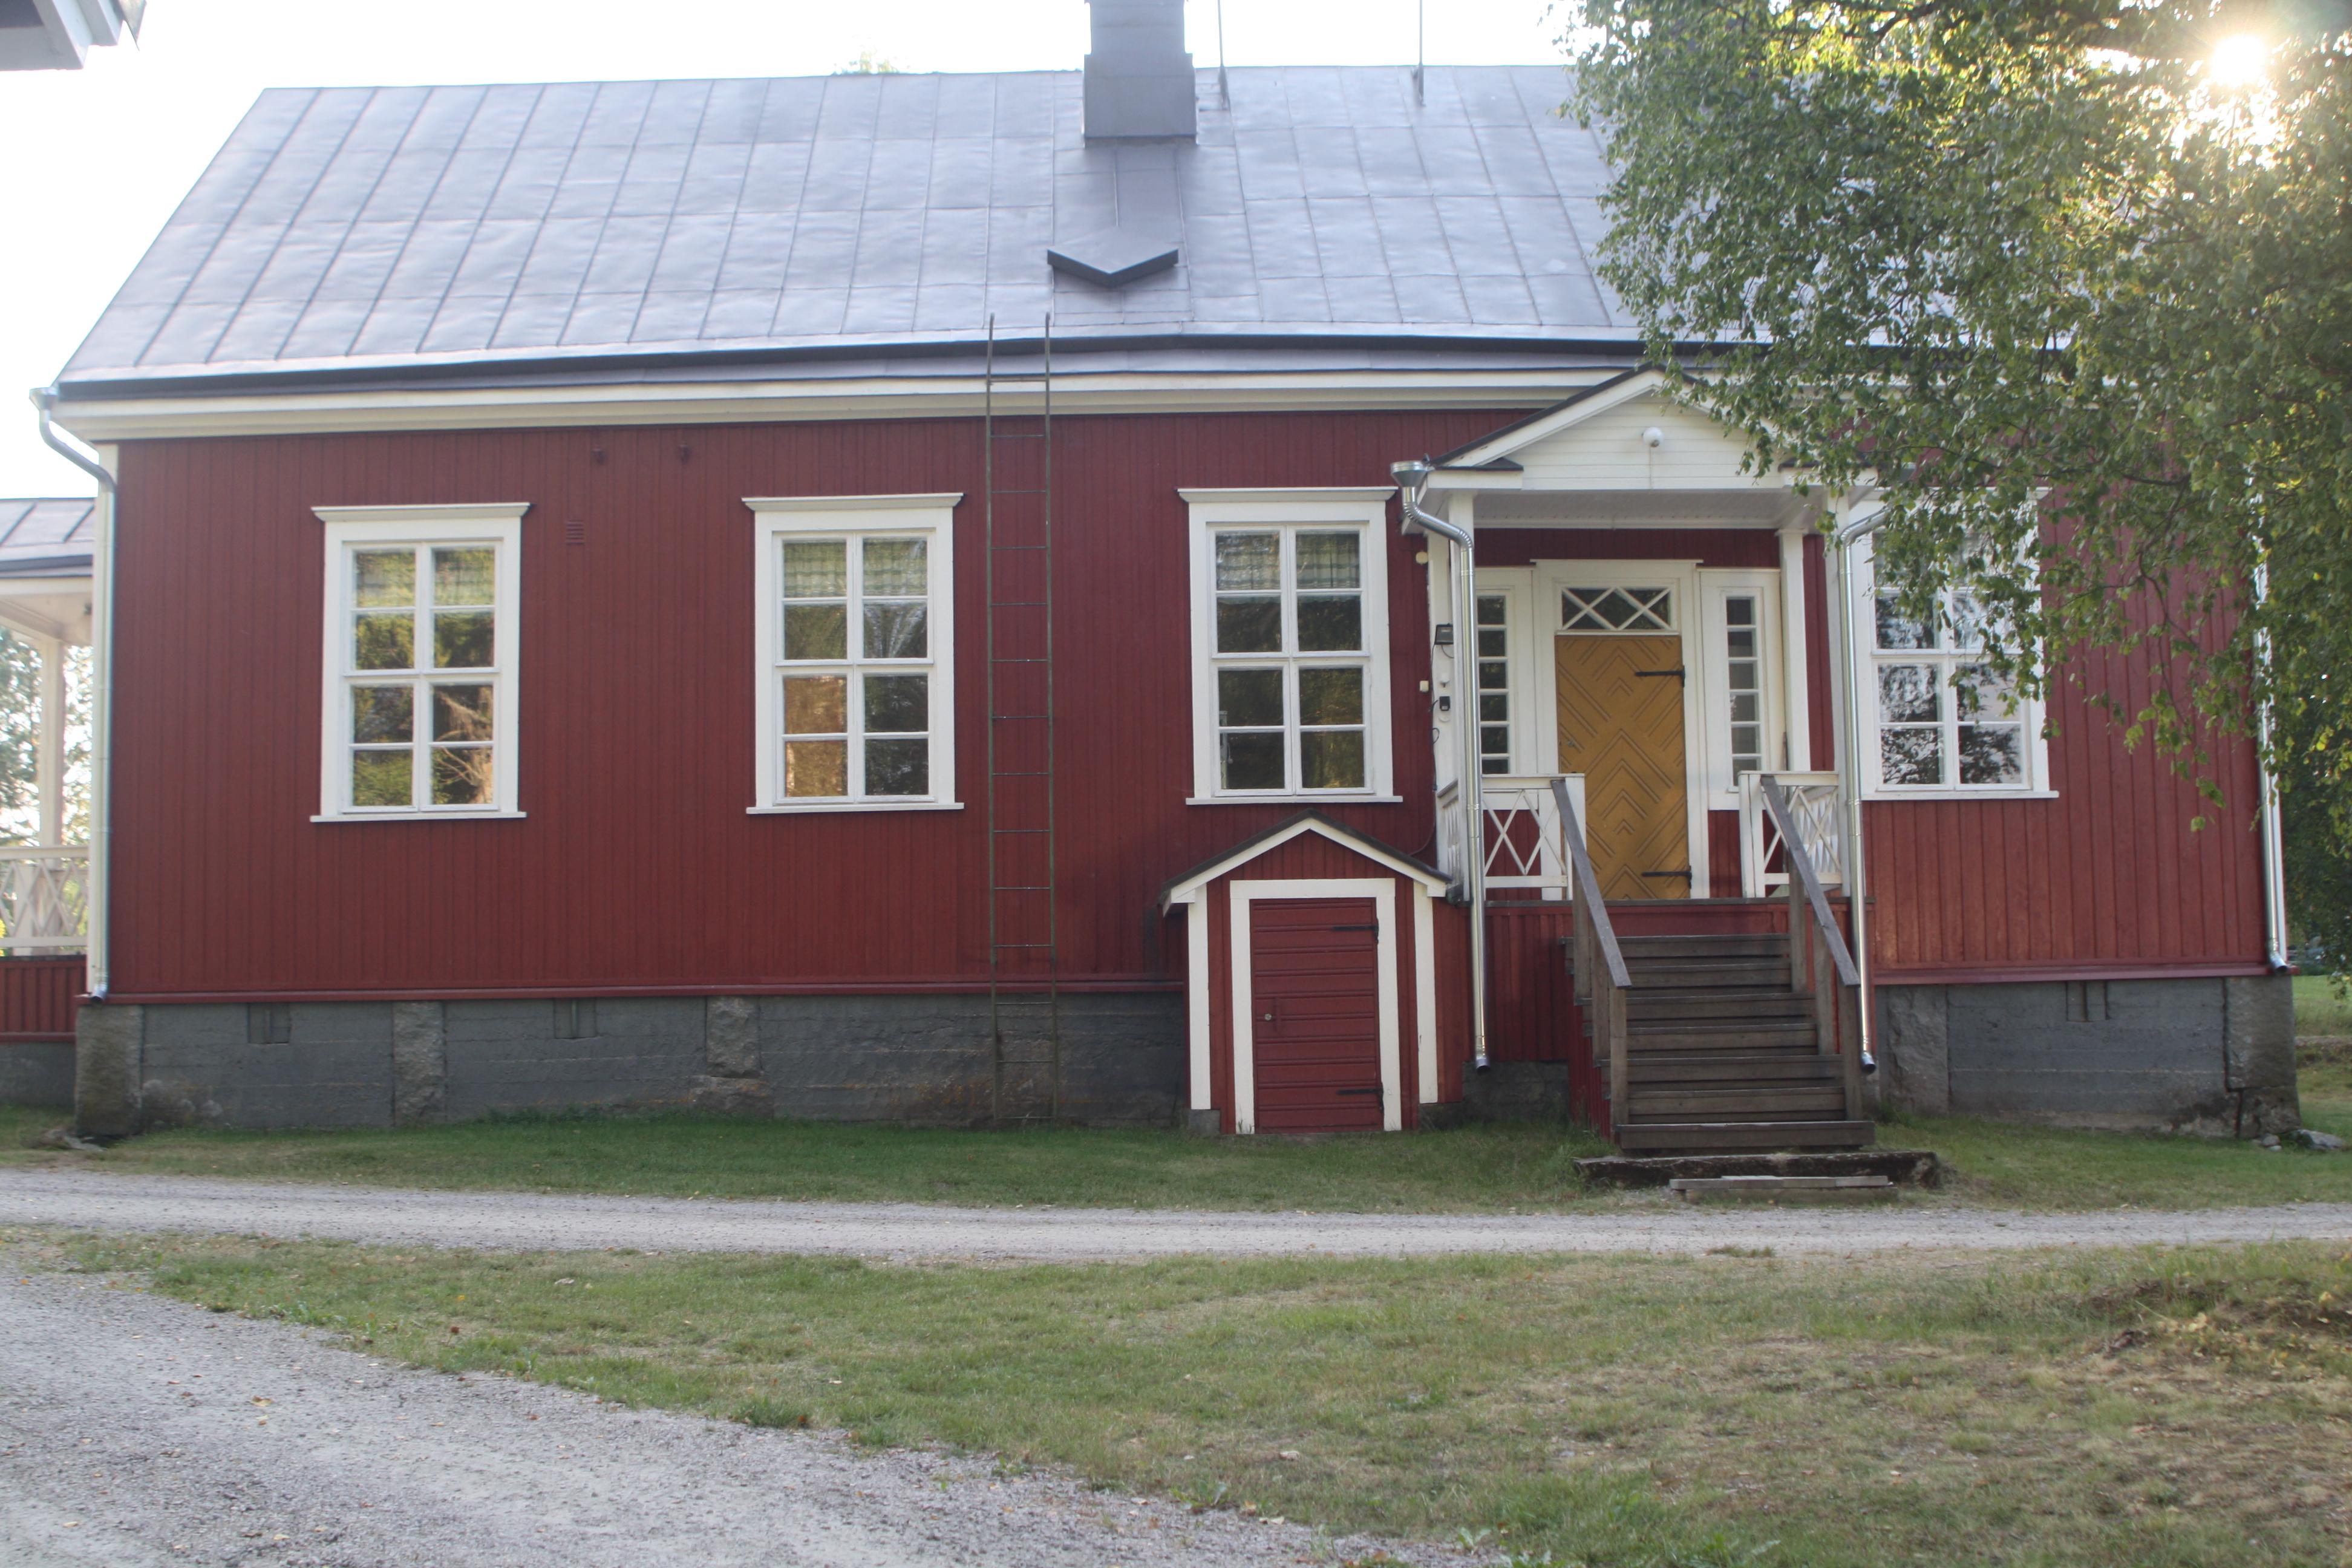 Kuva: P.Liukko 2015